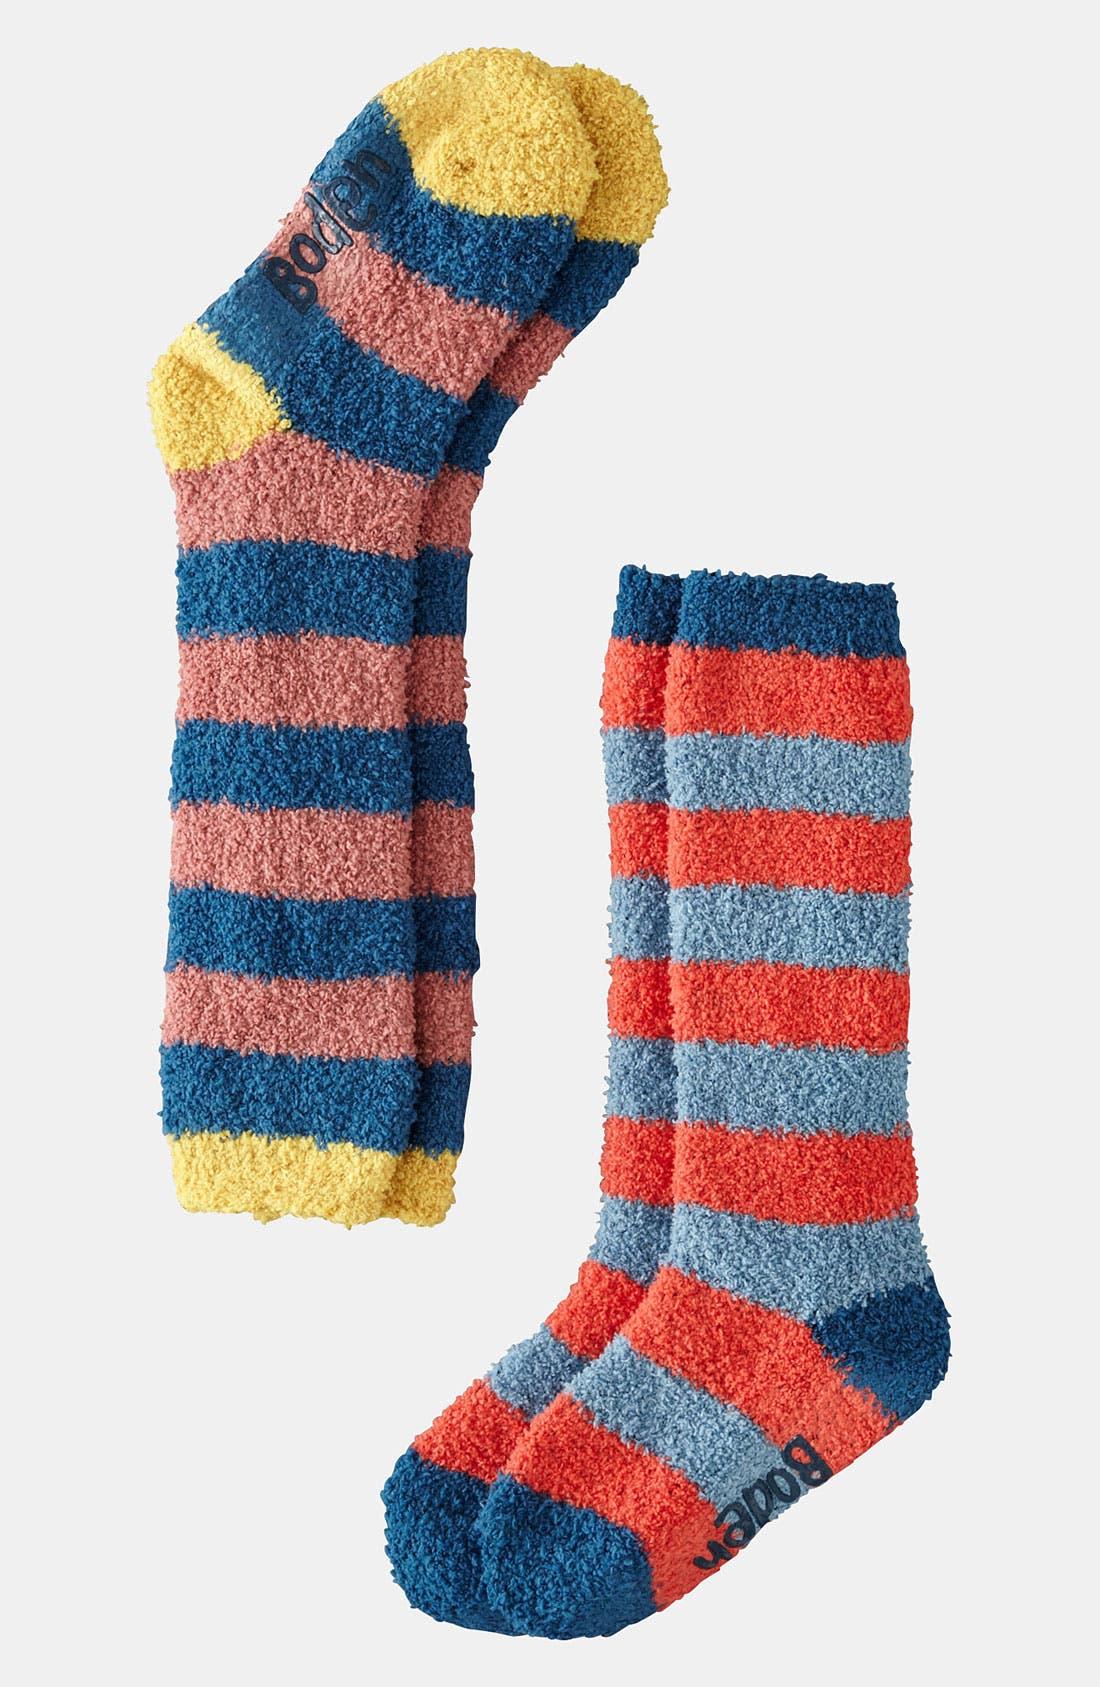 Alternate Image 1 Selected - Mini Boden 'Winter Cozy' Socks (2-Pack) (Girls)